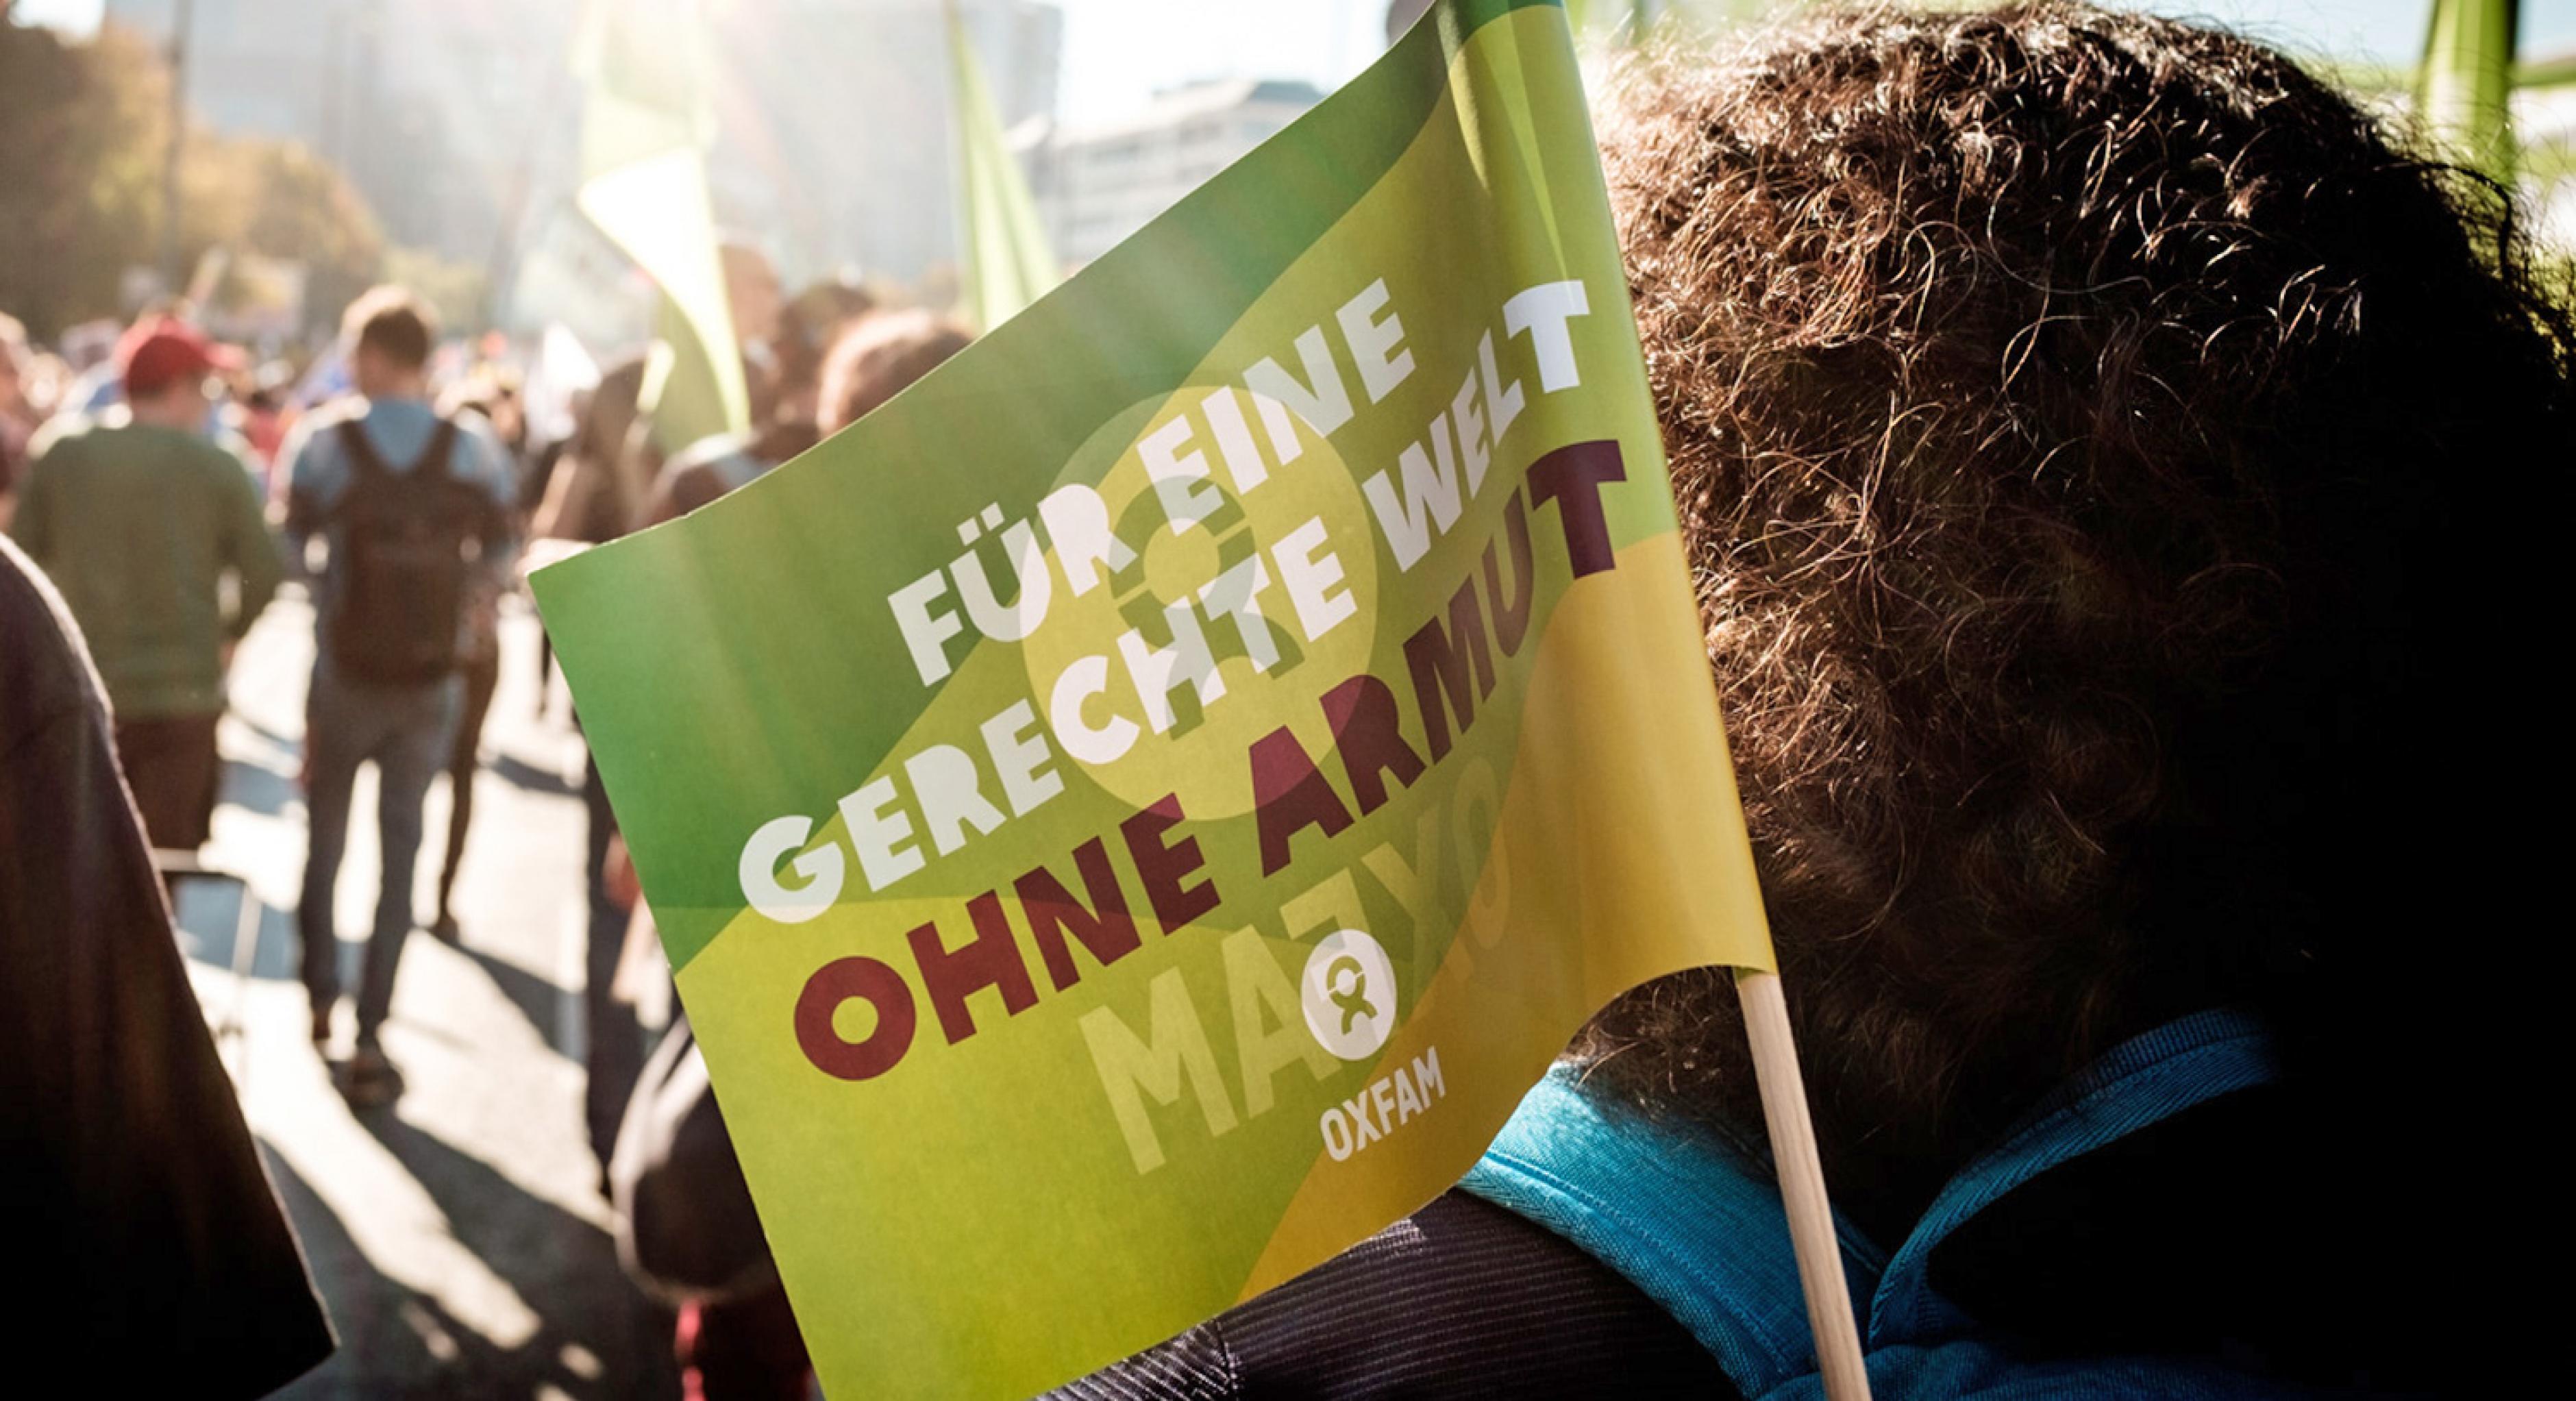 Eine Oxfam-Fahne ist auf einer Demonstration zu sehen